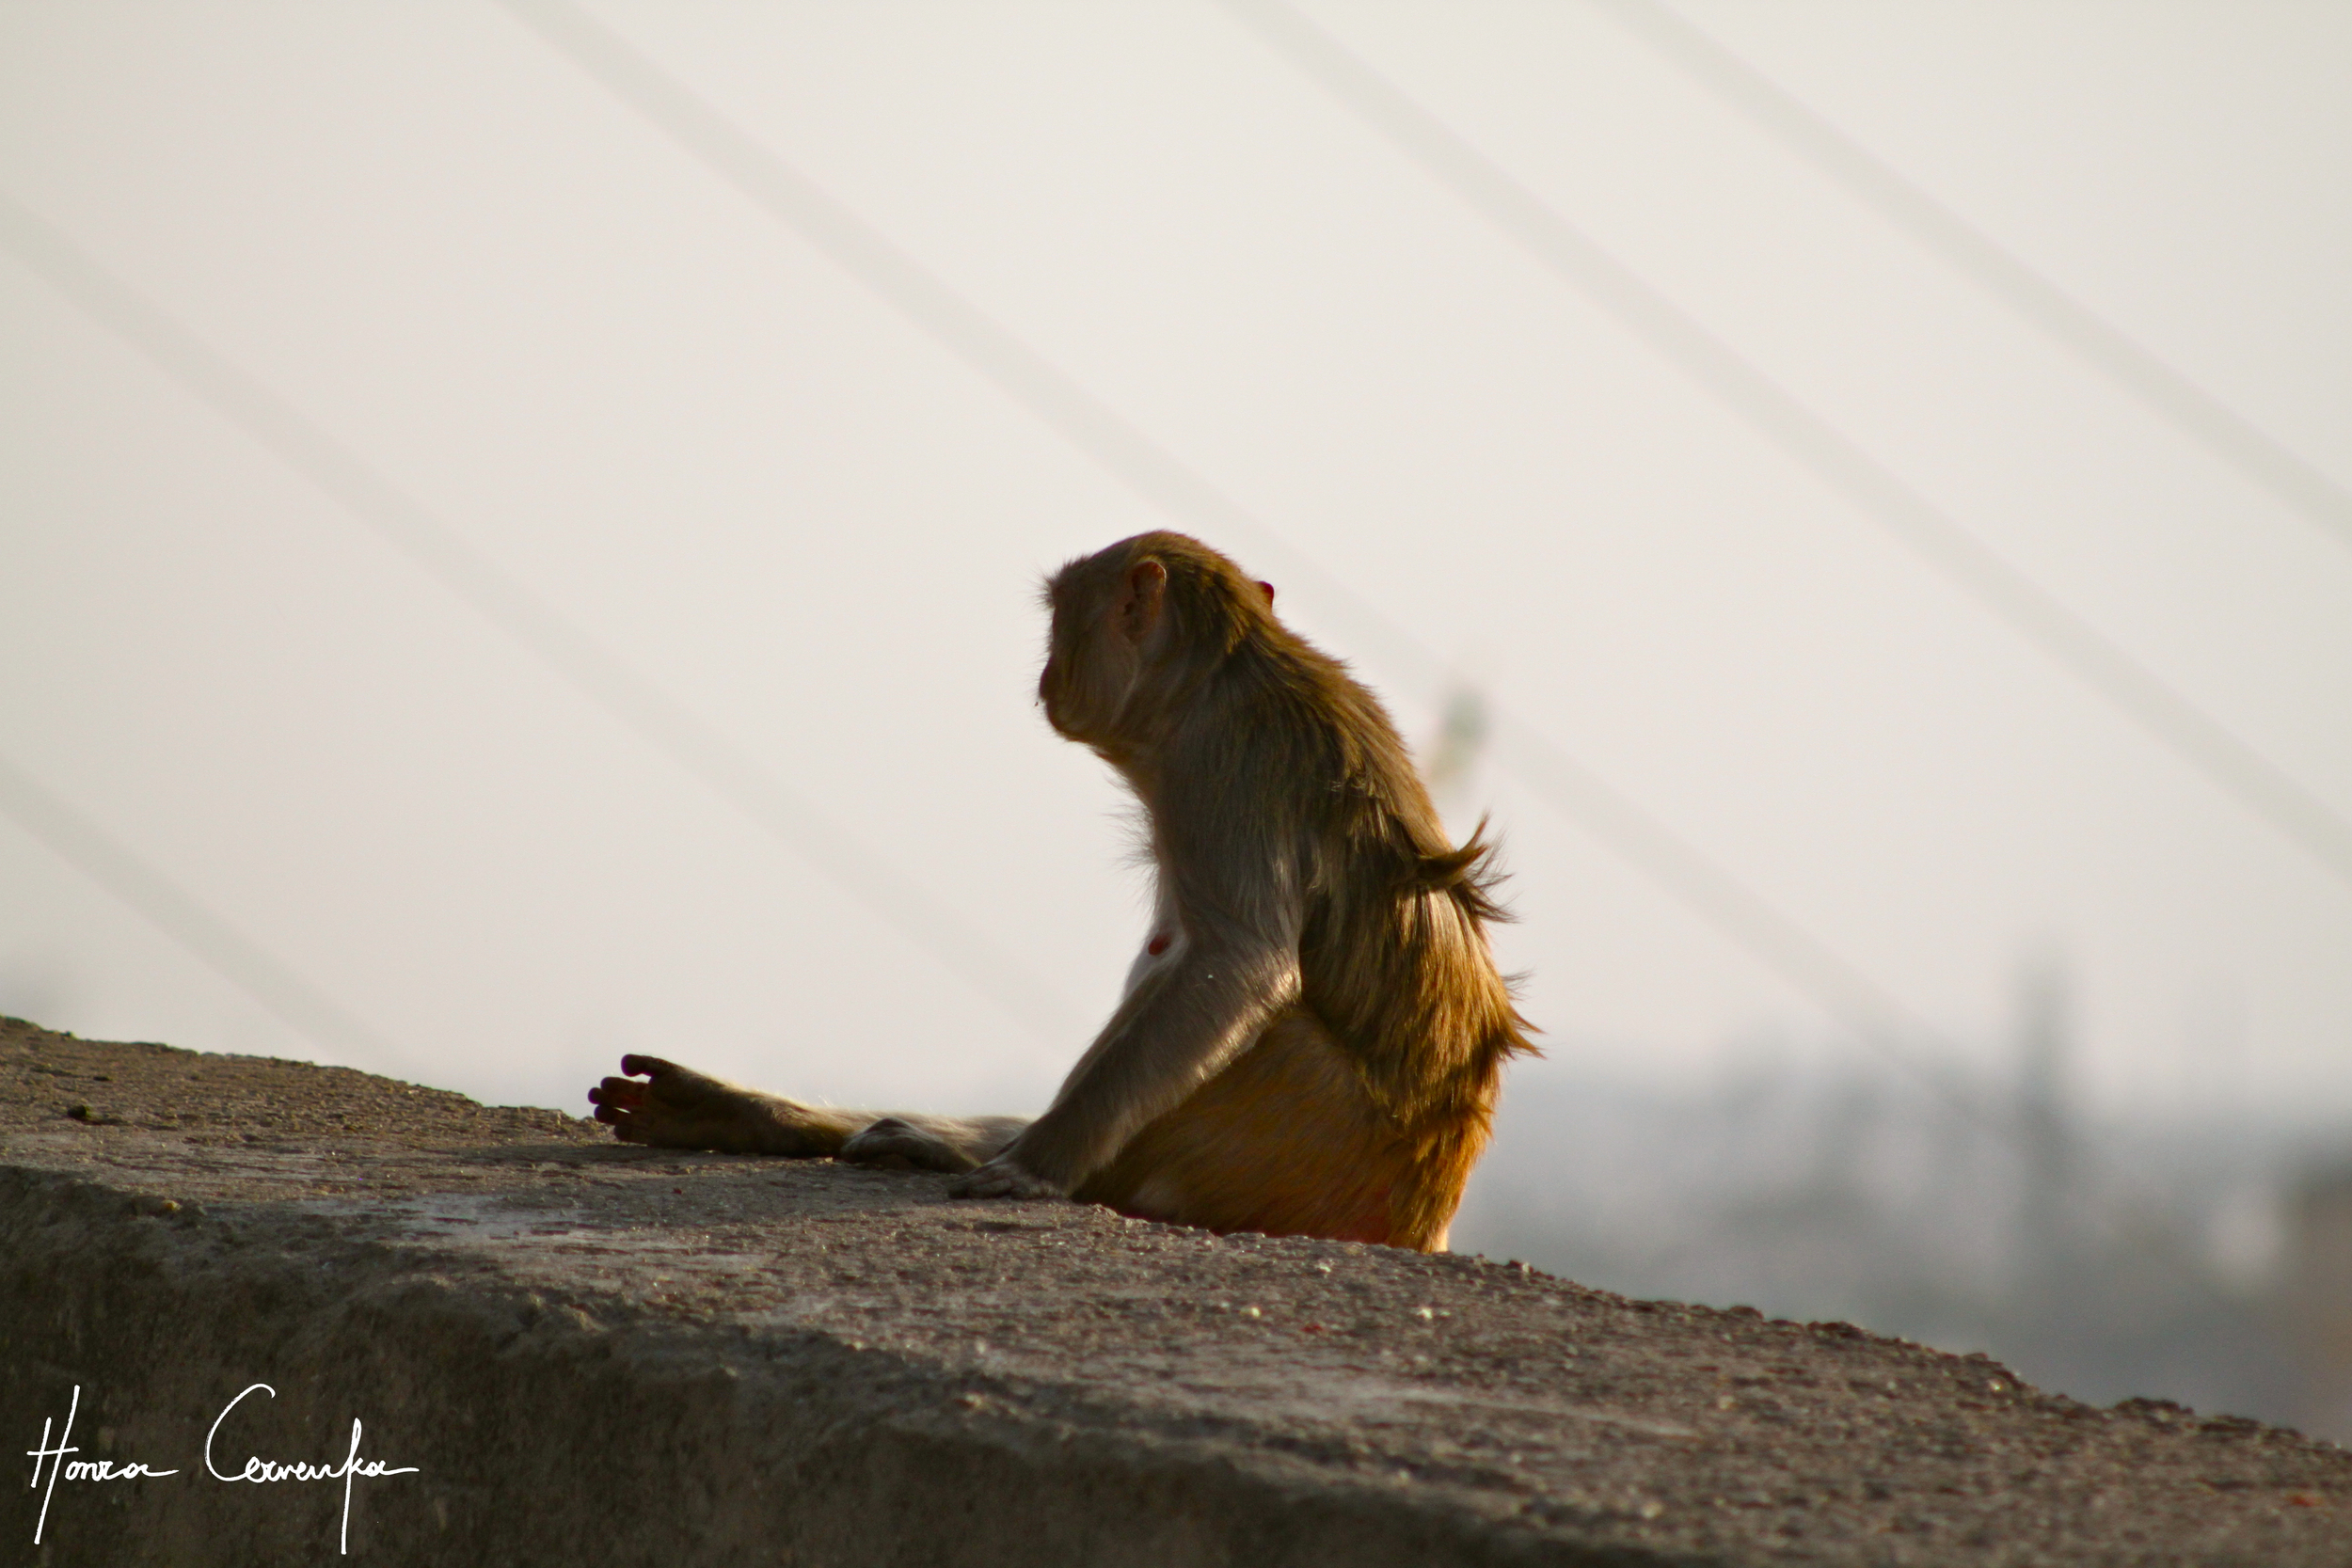 Jaipur, India, 2011